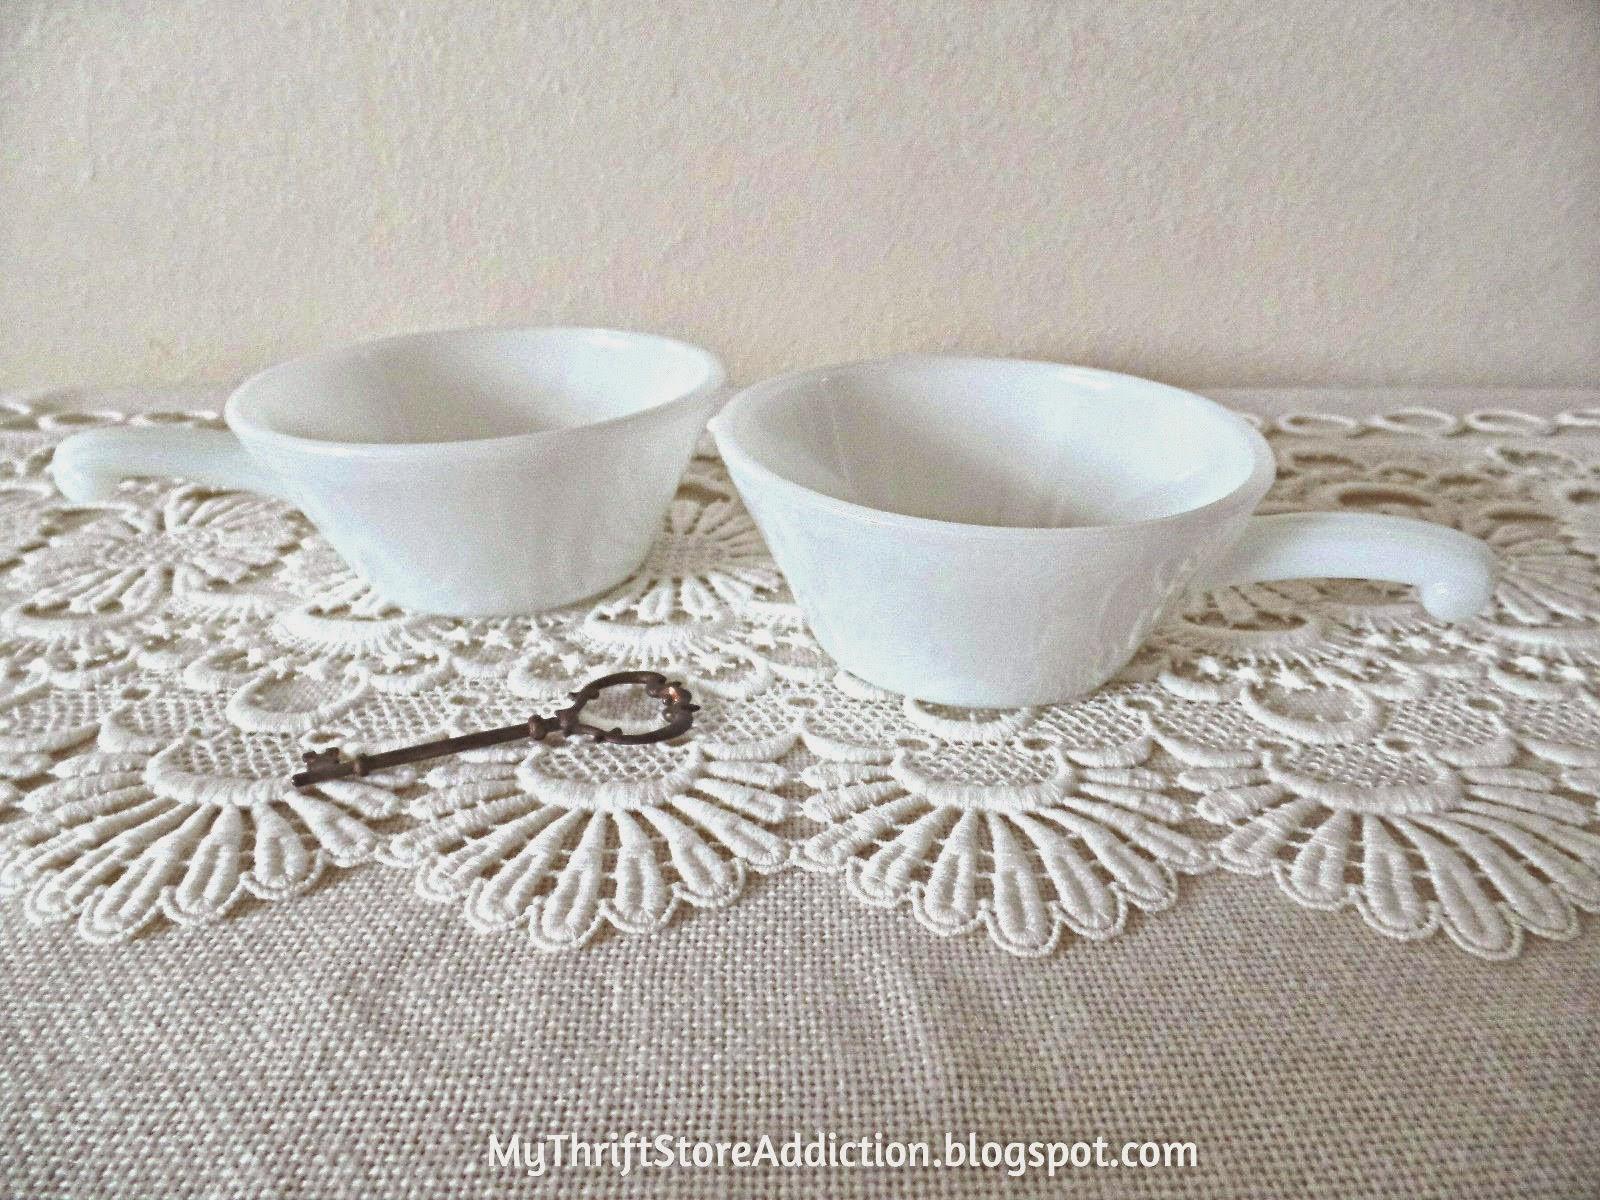 Vintage Fire-Kink handled bowls